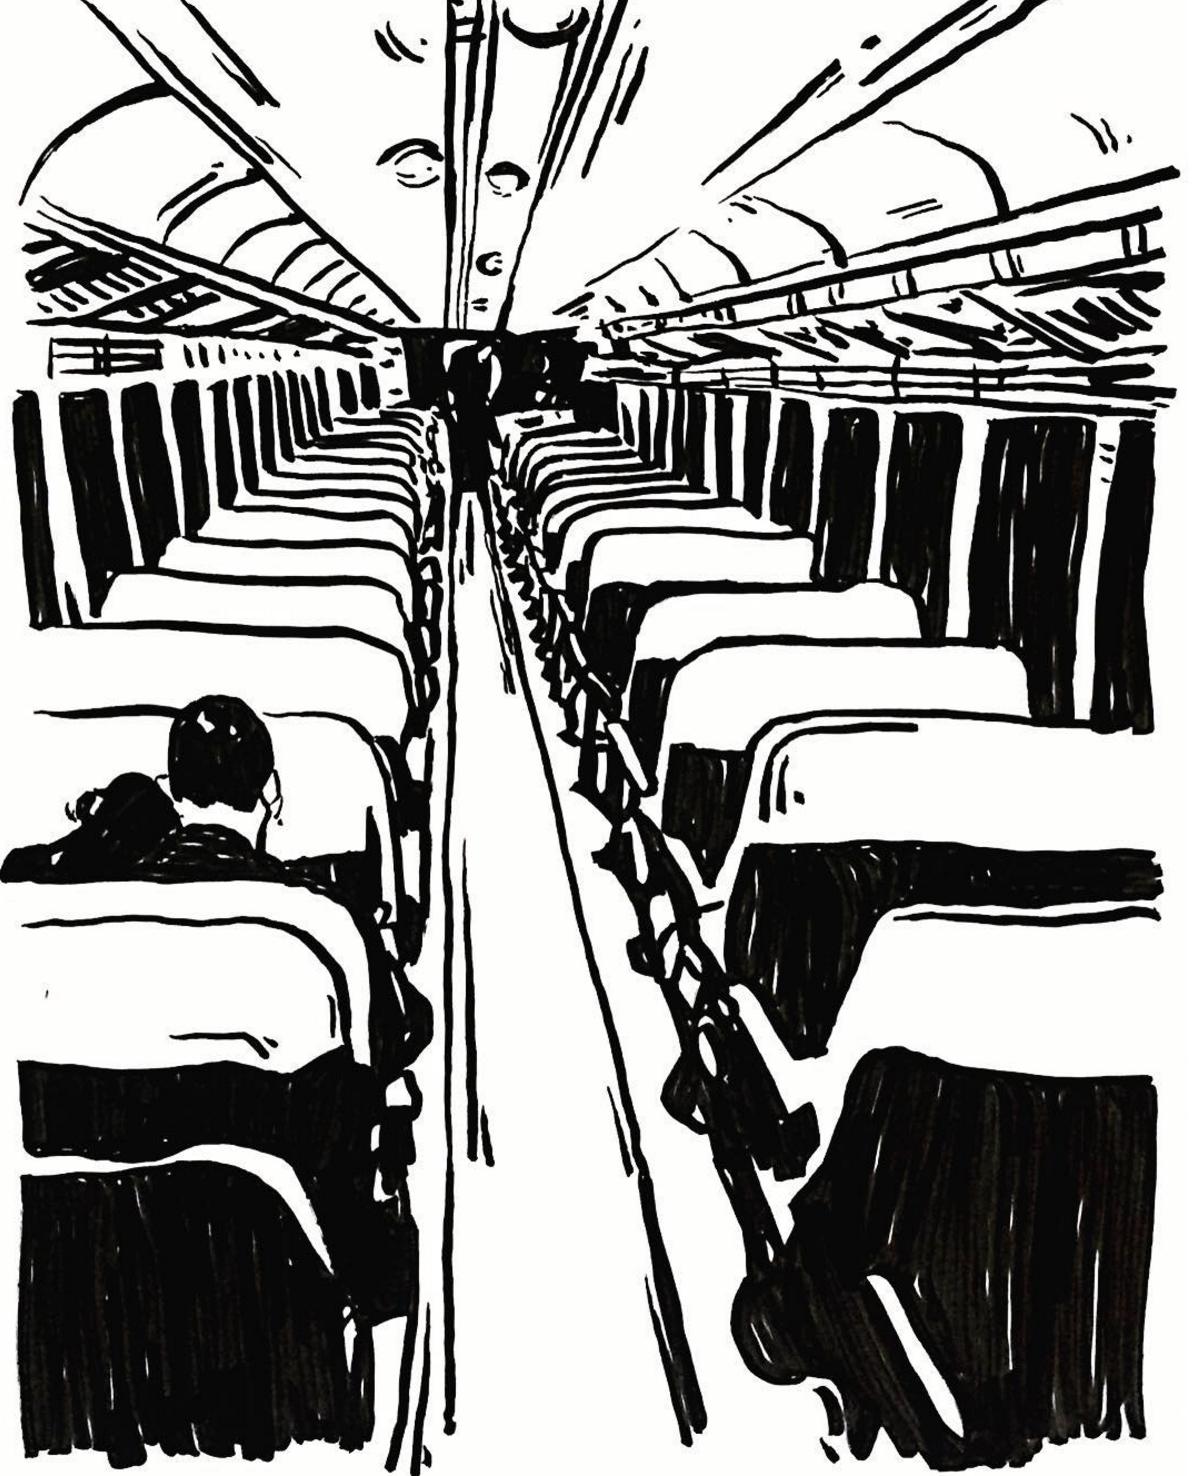 Bus ride,  by Radhika Sivsankar